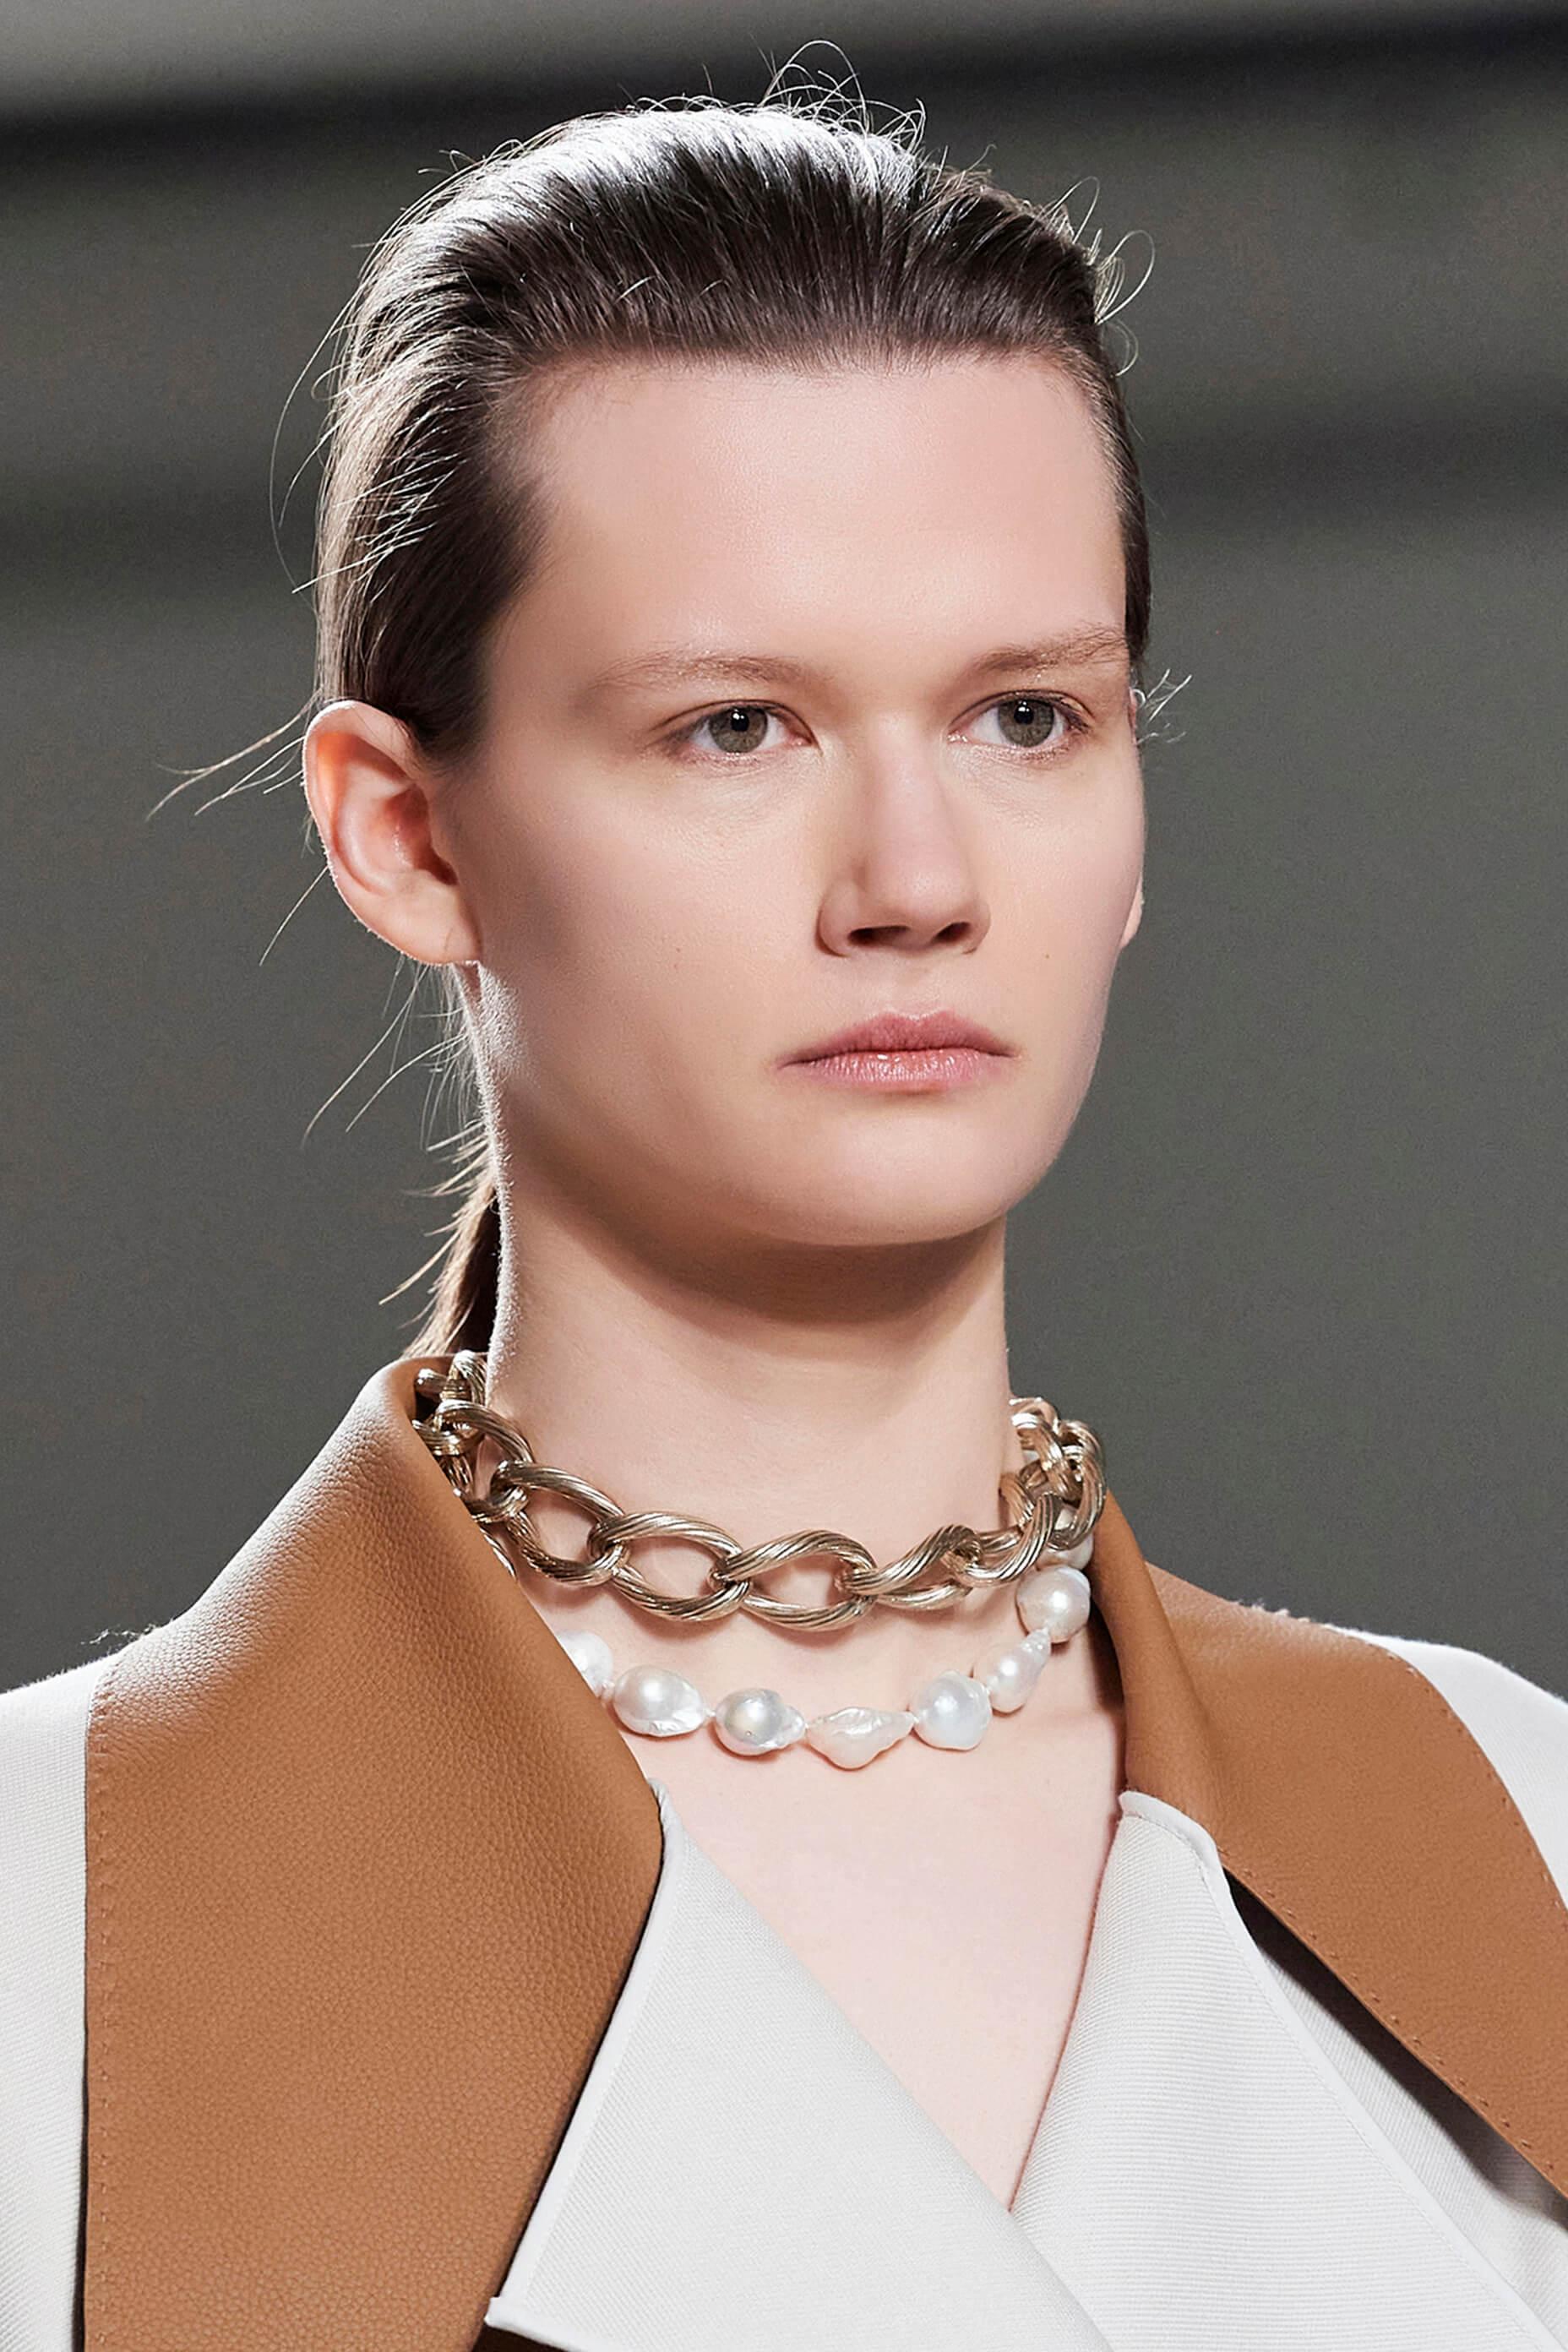 Цепная реакция: Самый модный микротренд 2020 года-Фото 3